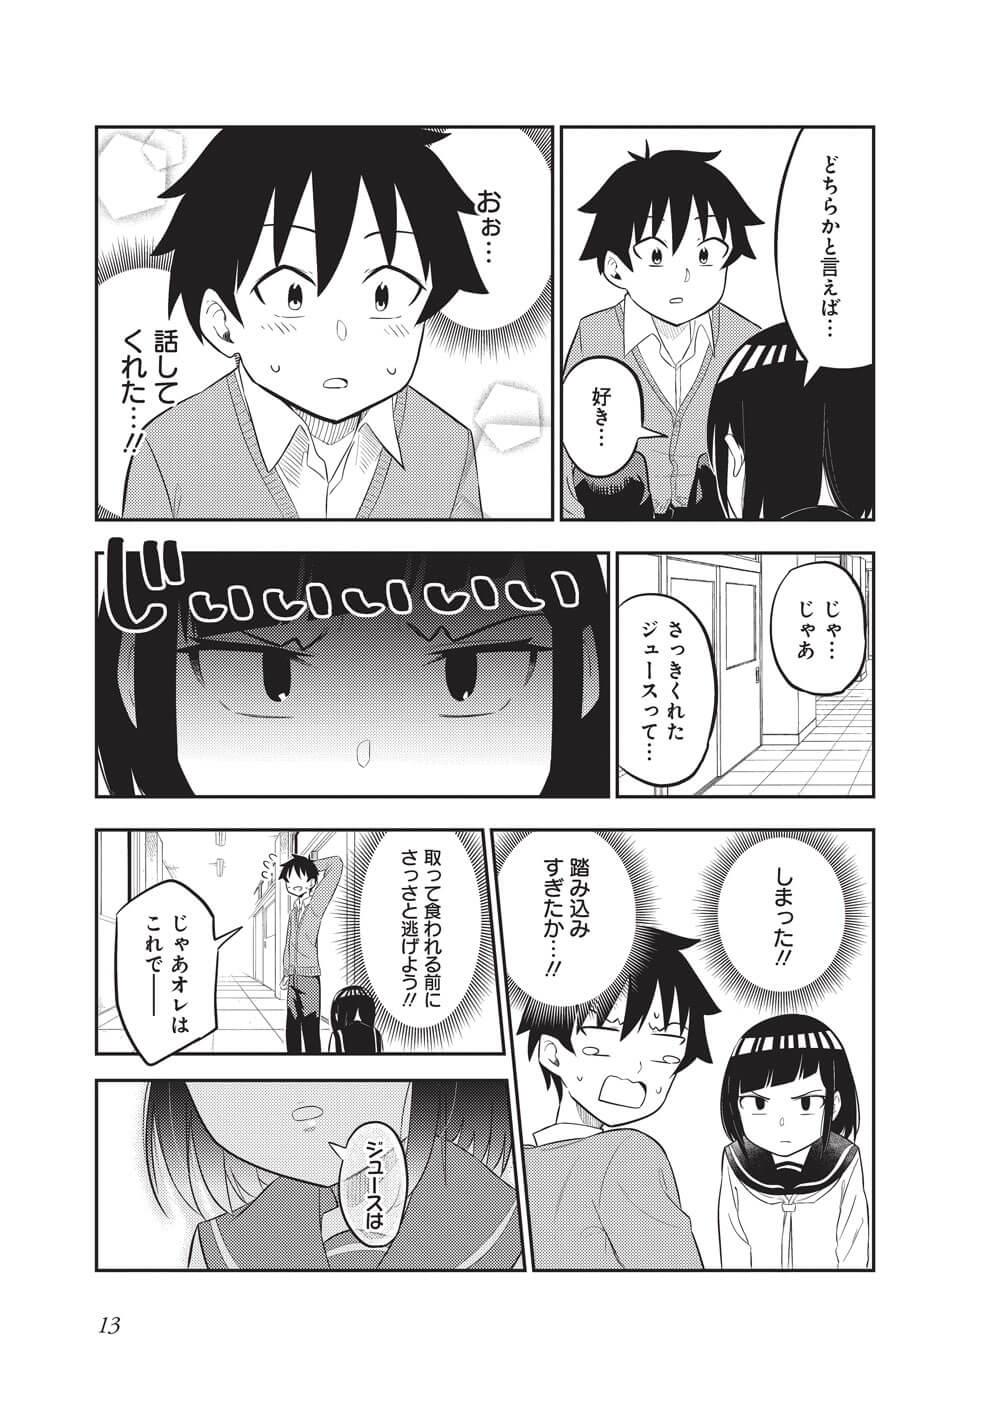 クラスメイトの田中さんはすごく怖い-1-11